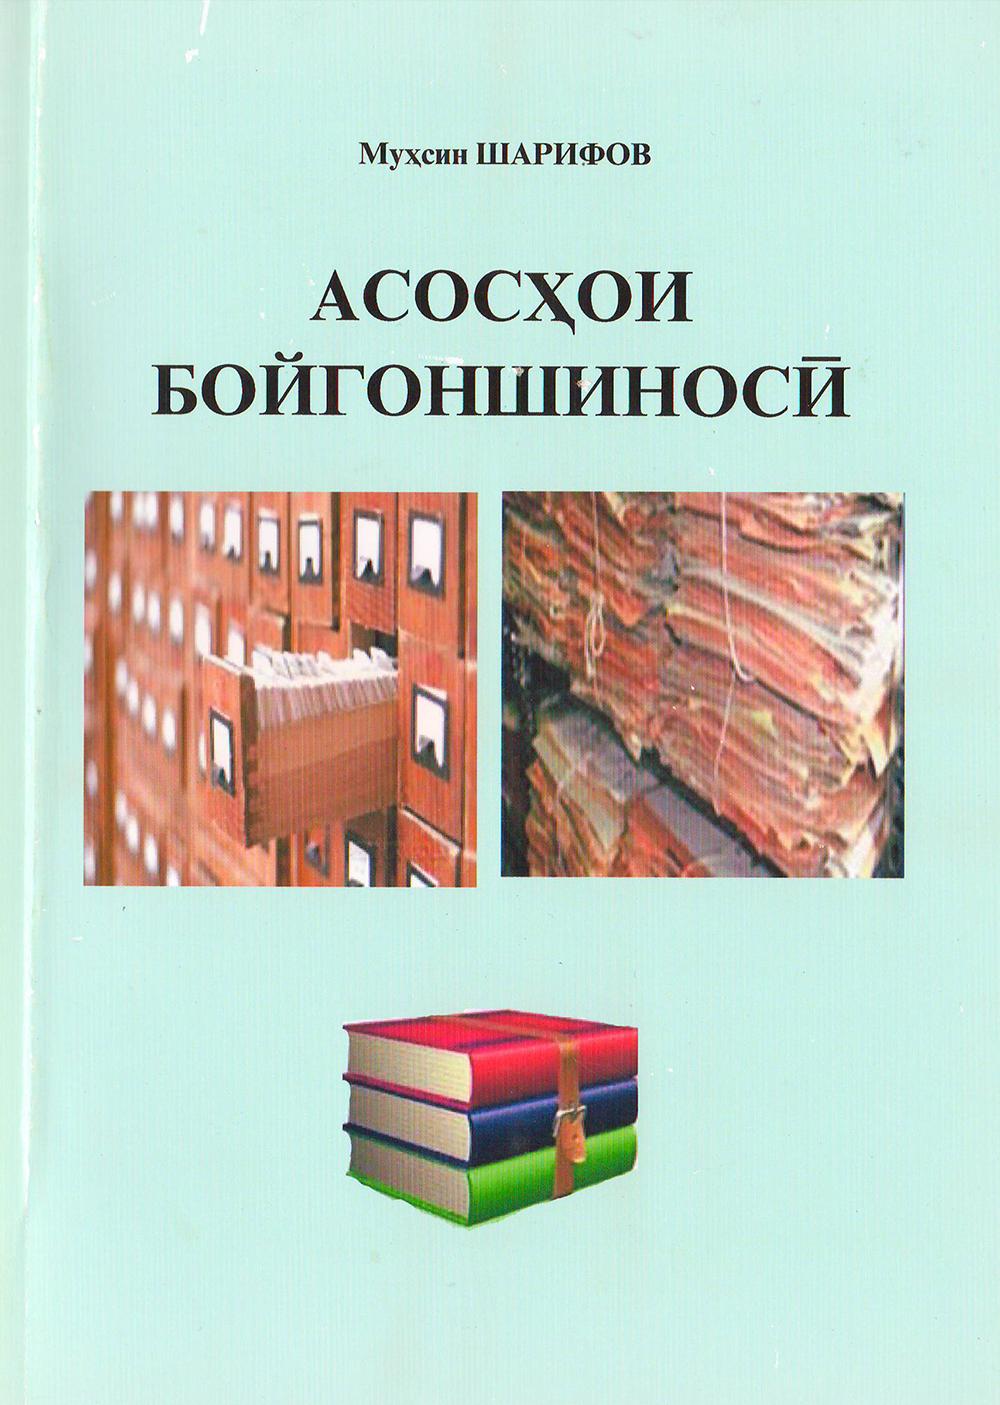 Асосҳои бойгоншиносӣ (5)